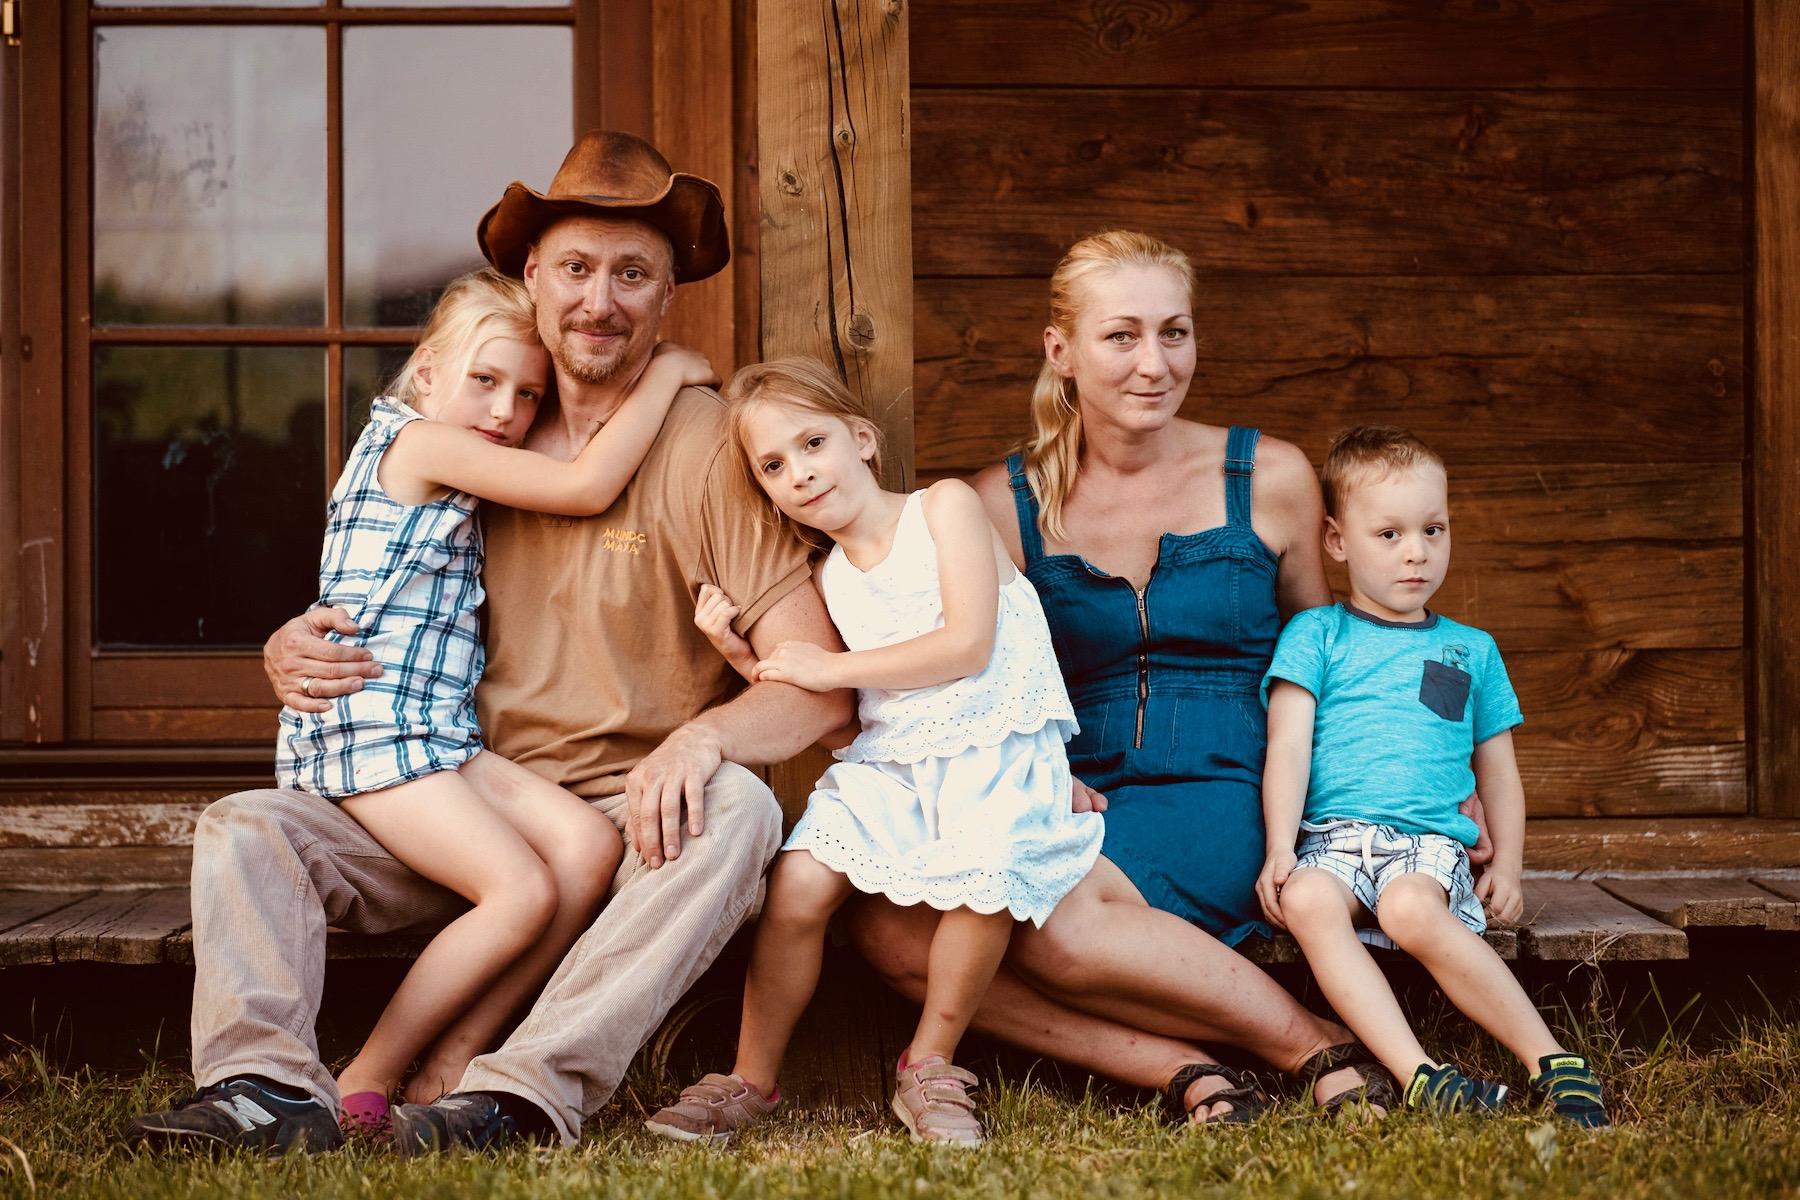 Barbara i Bartosz Idczakowie z dziećmi - właściciele Lawendowej Osady